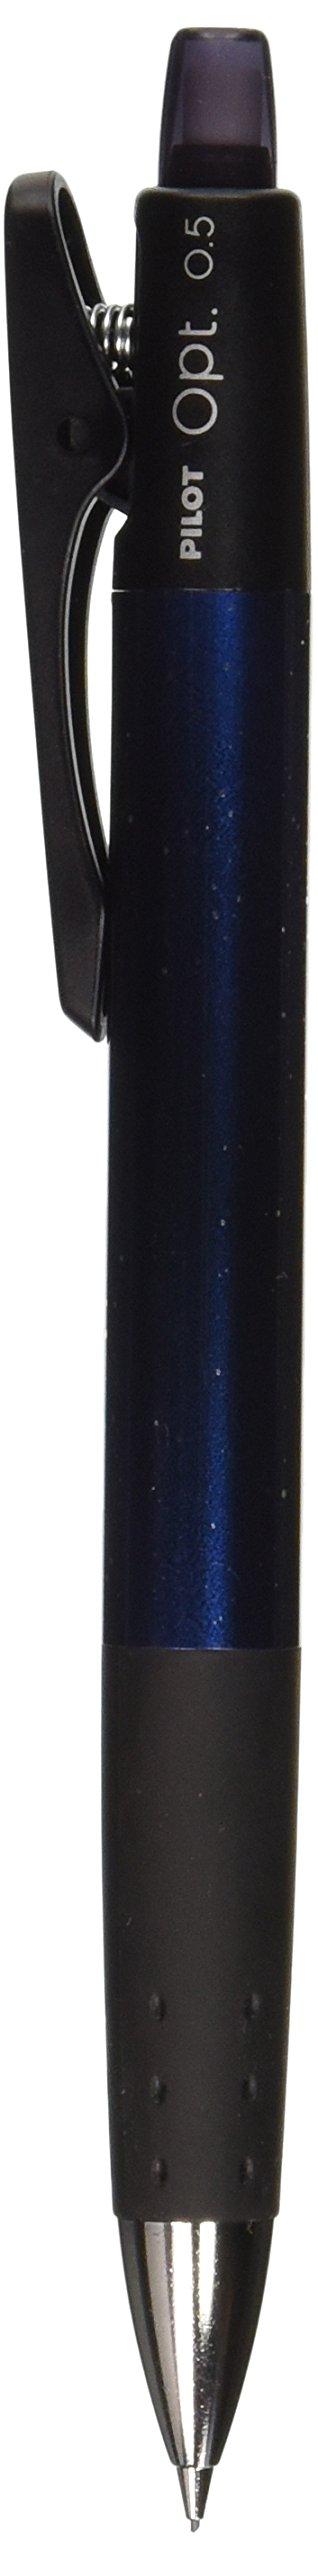 Pilot Fure Fure Opt Mechanical Pencil, 0.5mm, Stard [06CQTT94]